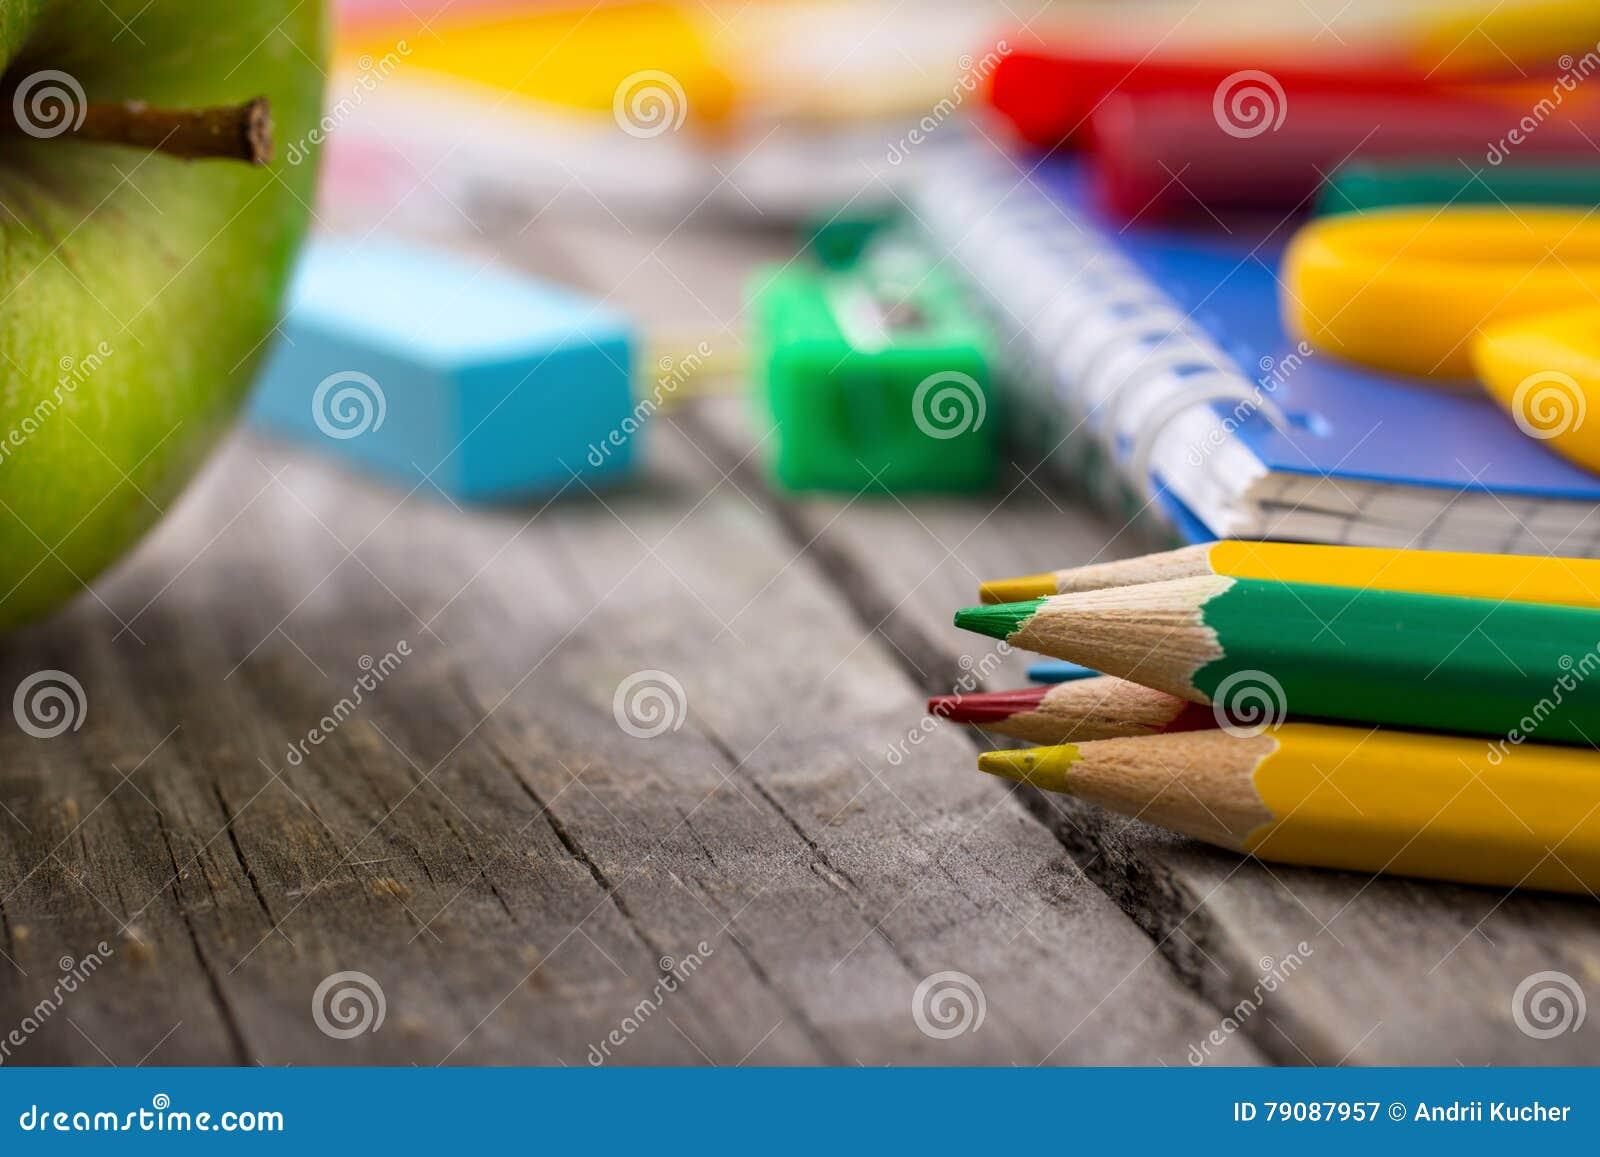 Matite colorate con i rifornimenti di scuola e la mela verde